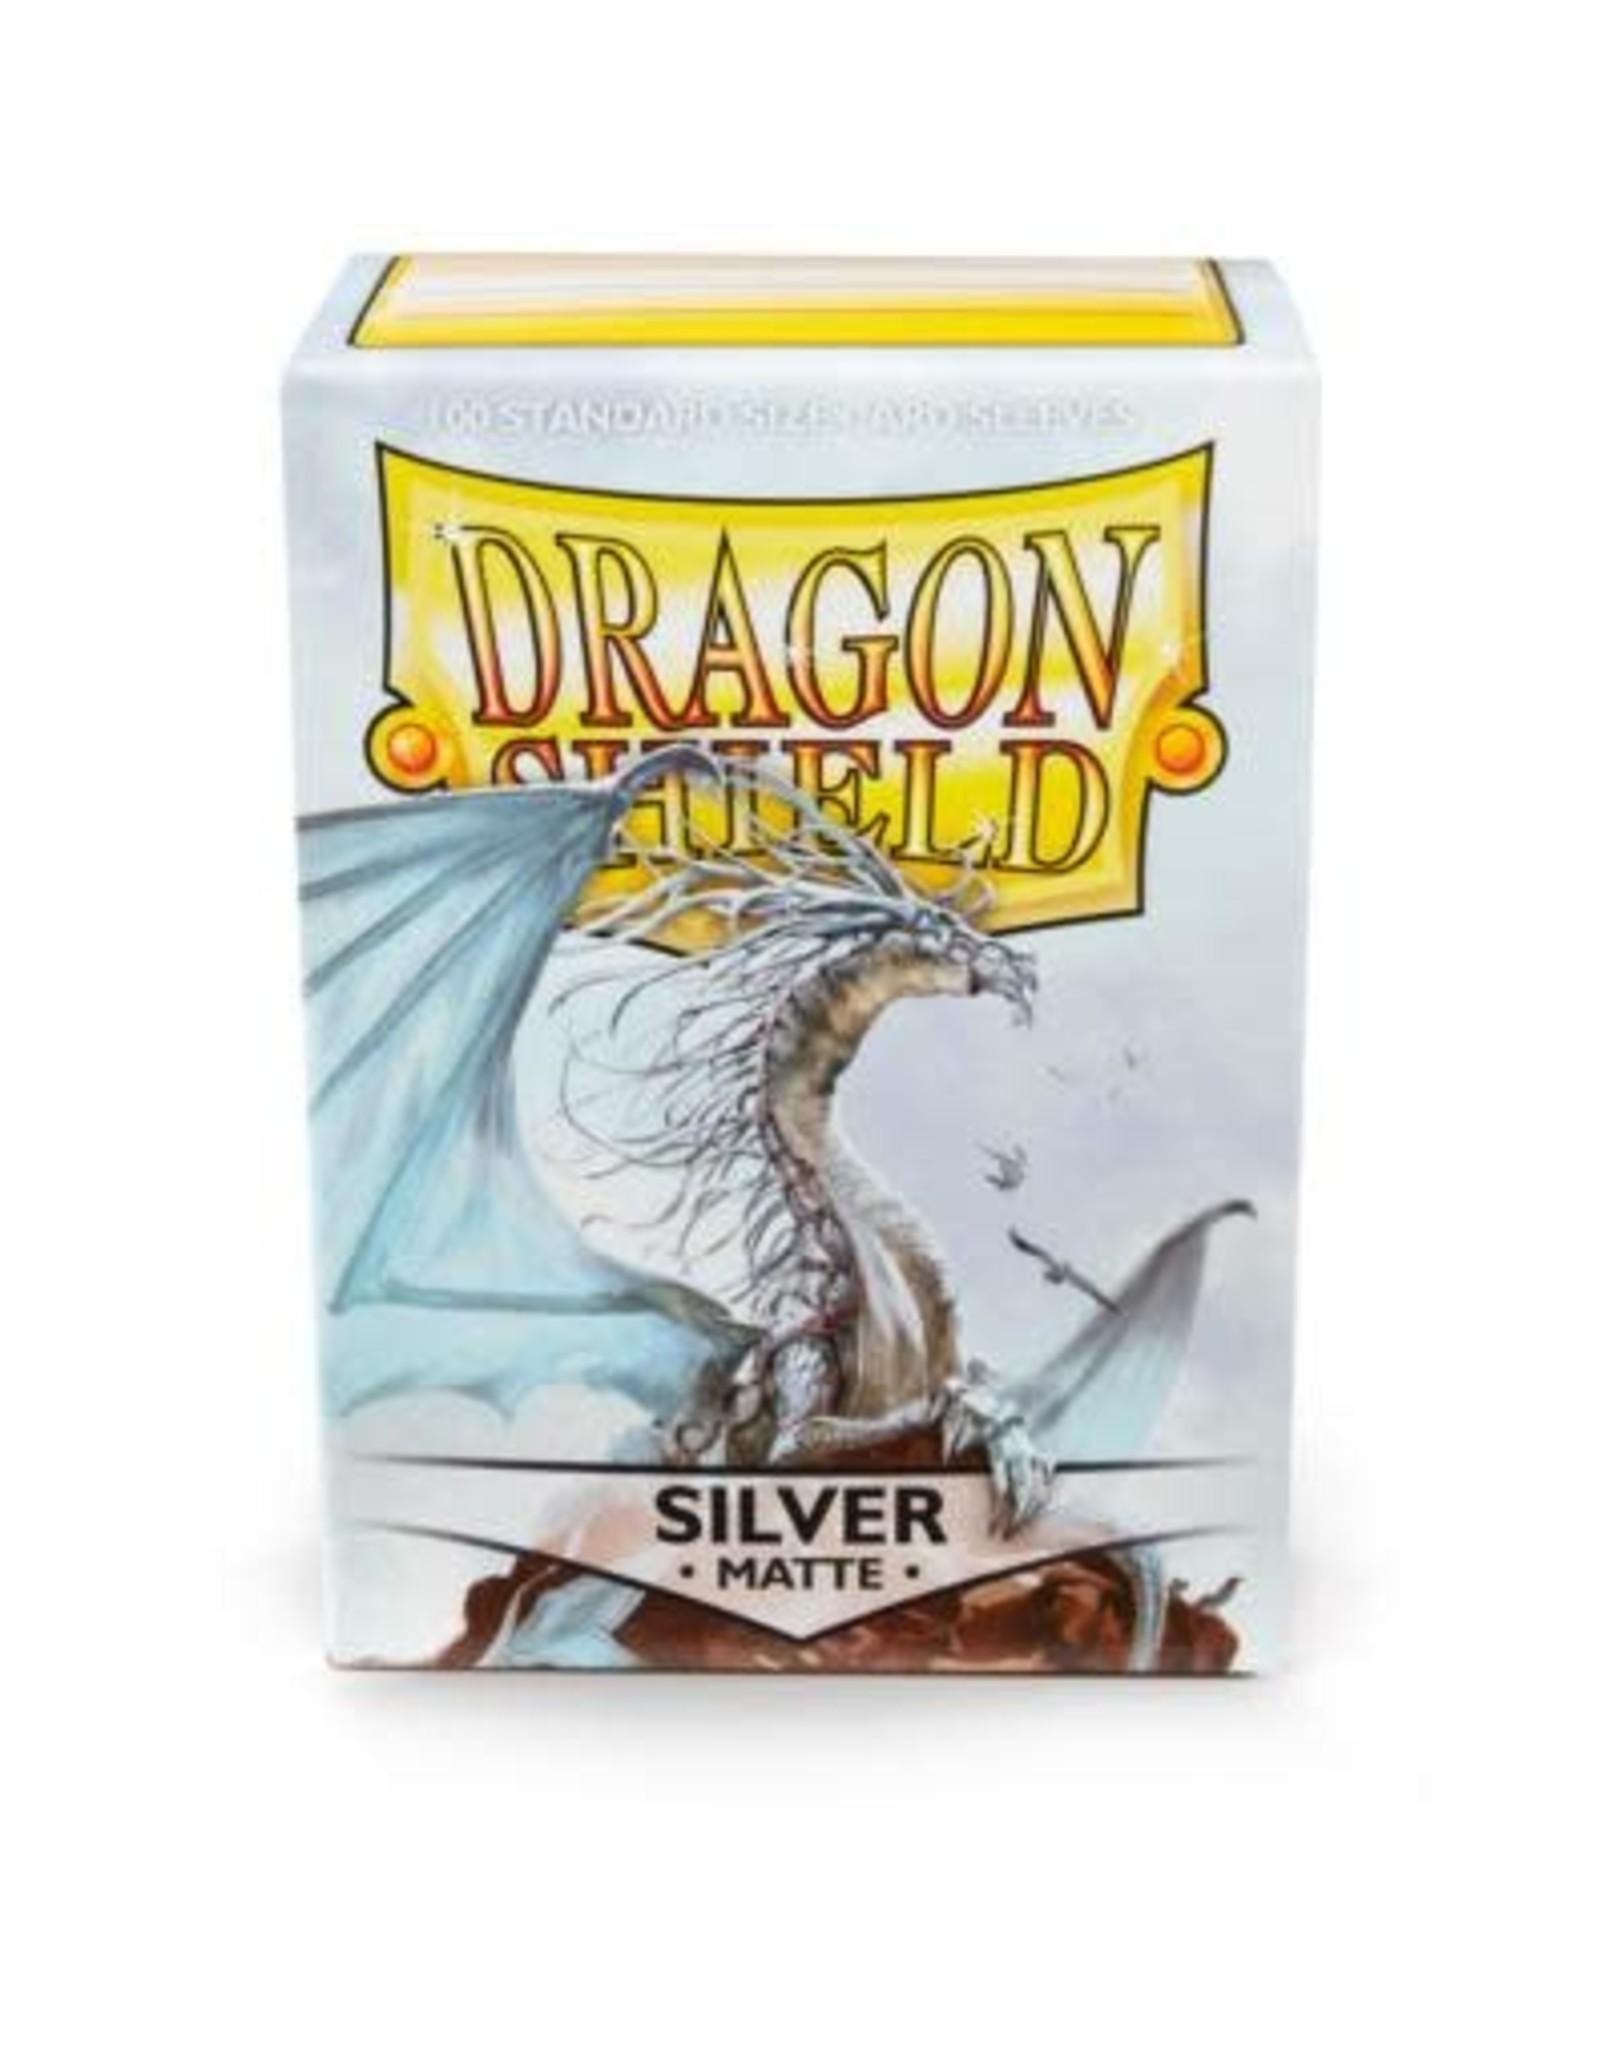 Dragon Shield Dragon Shield Matte Silver 100ct